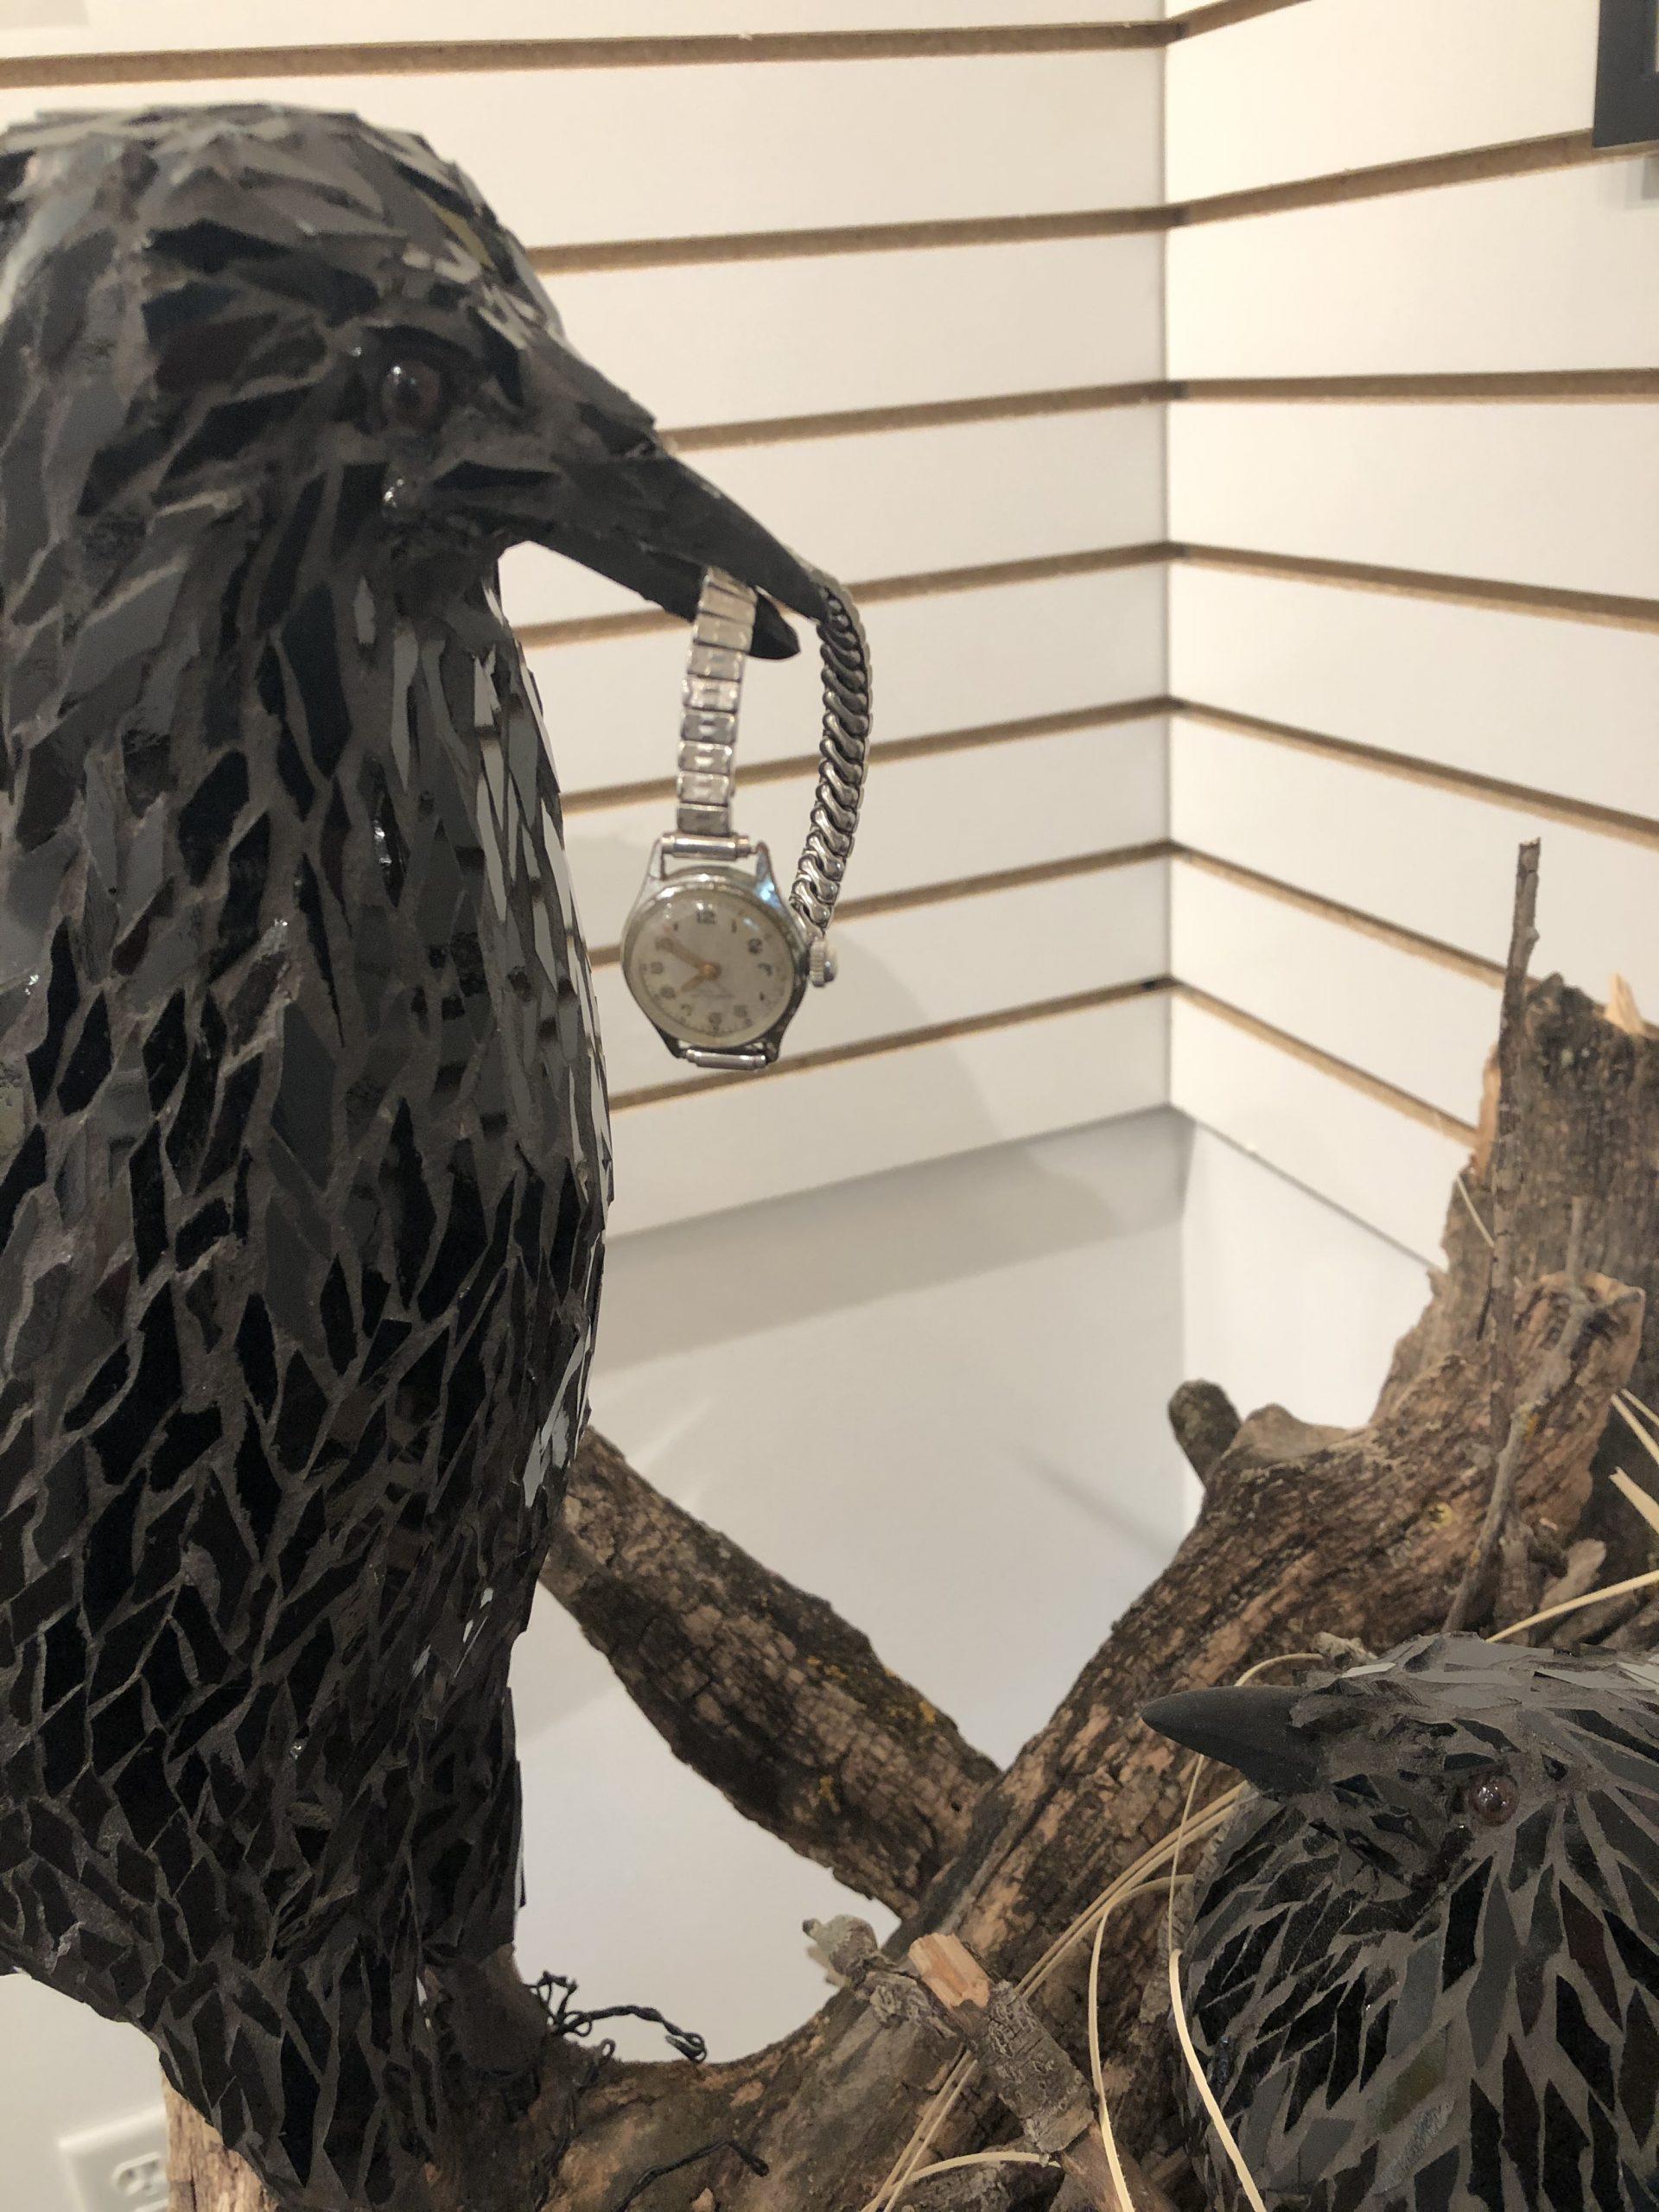 Black Crow Tenderness!